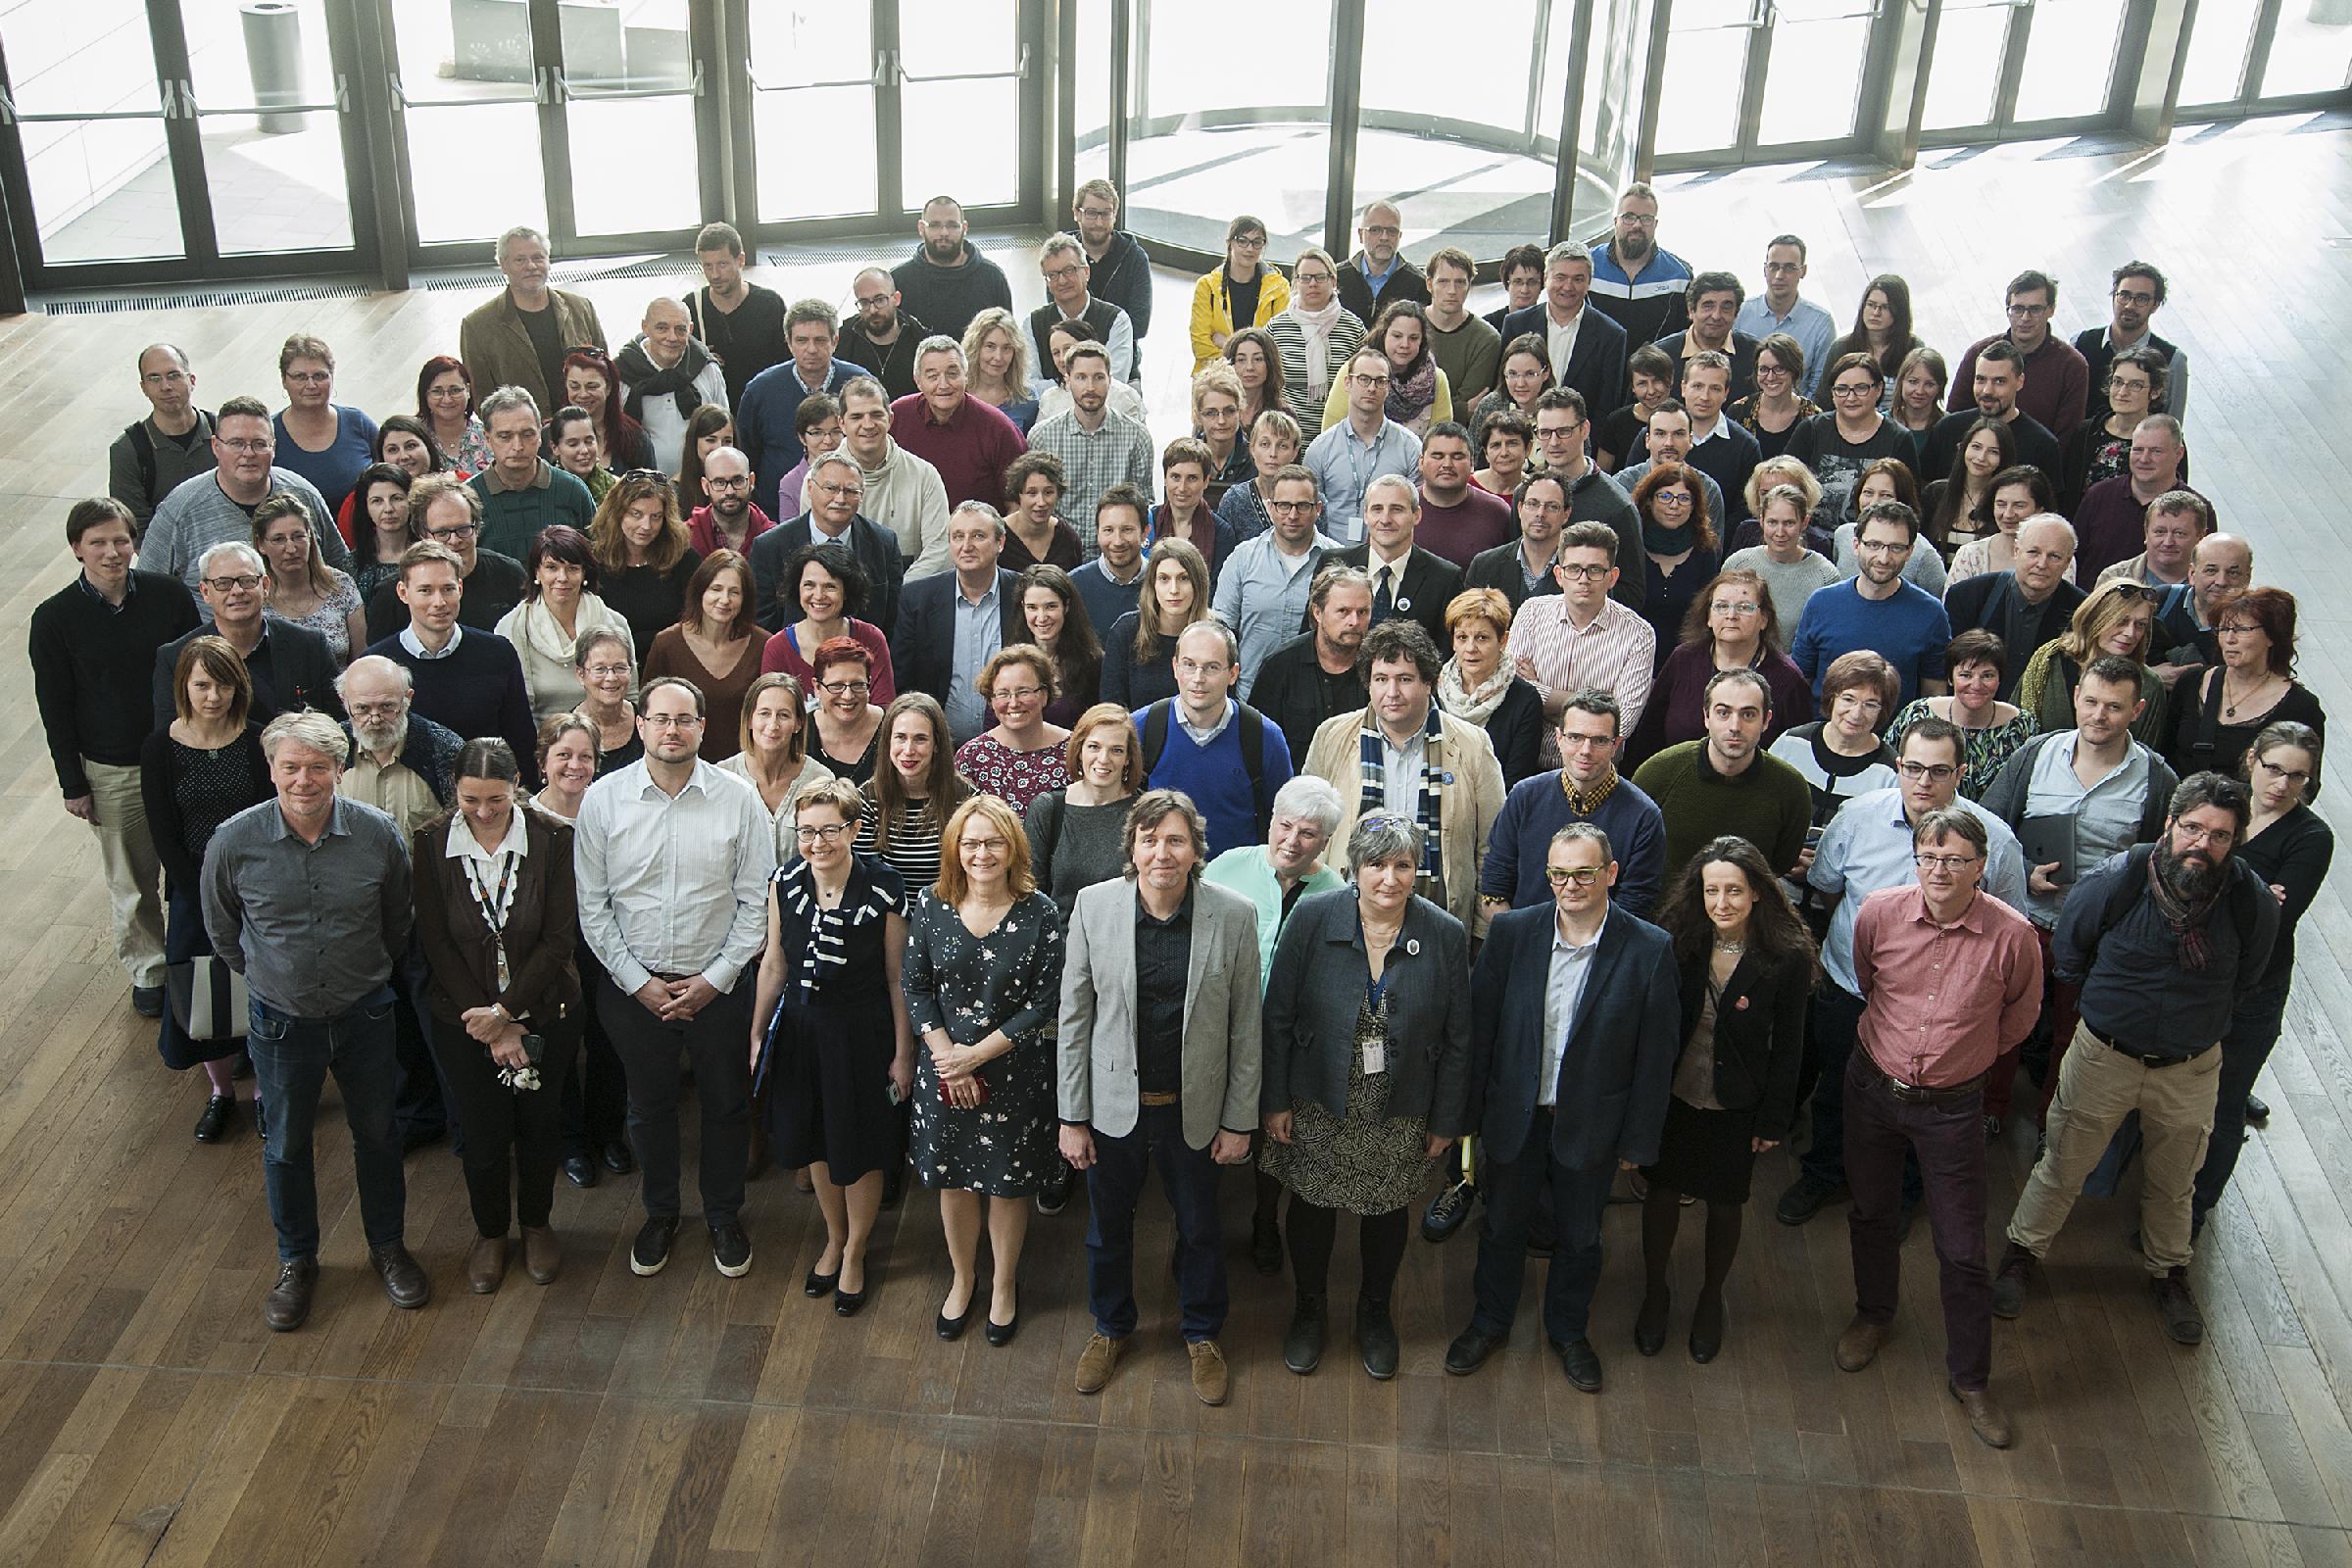 Az ország legjelentősebb társadalomtudományi intézménye, az MTA Társadalomtudományi Kutatóközpont munkatársai, elöl középen Boda Zsolt főigazgatóval